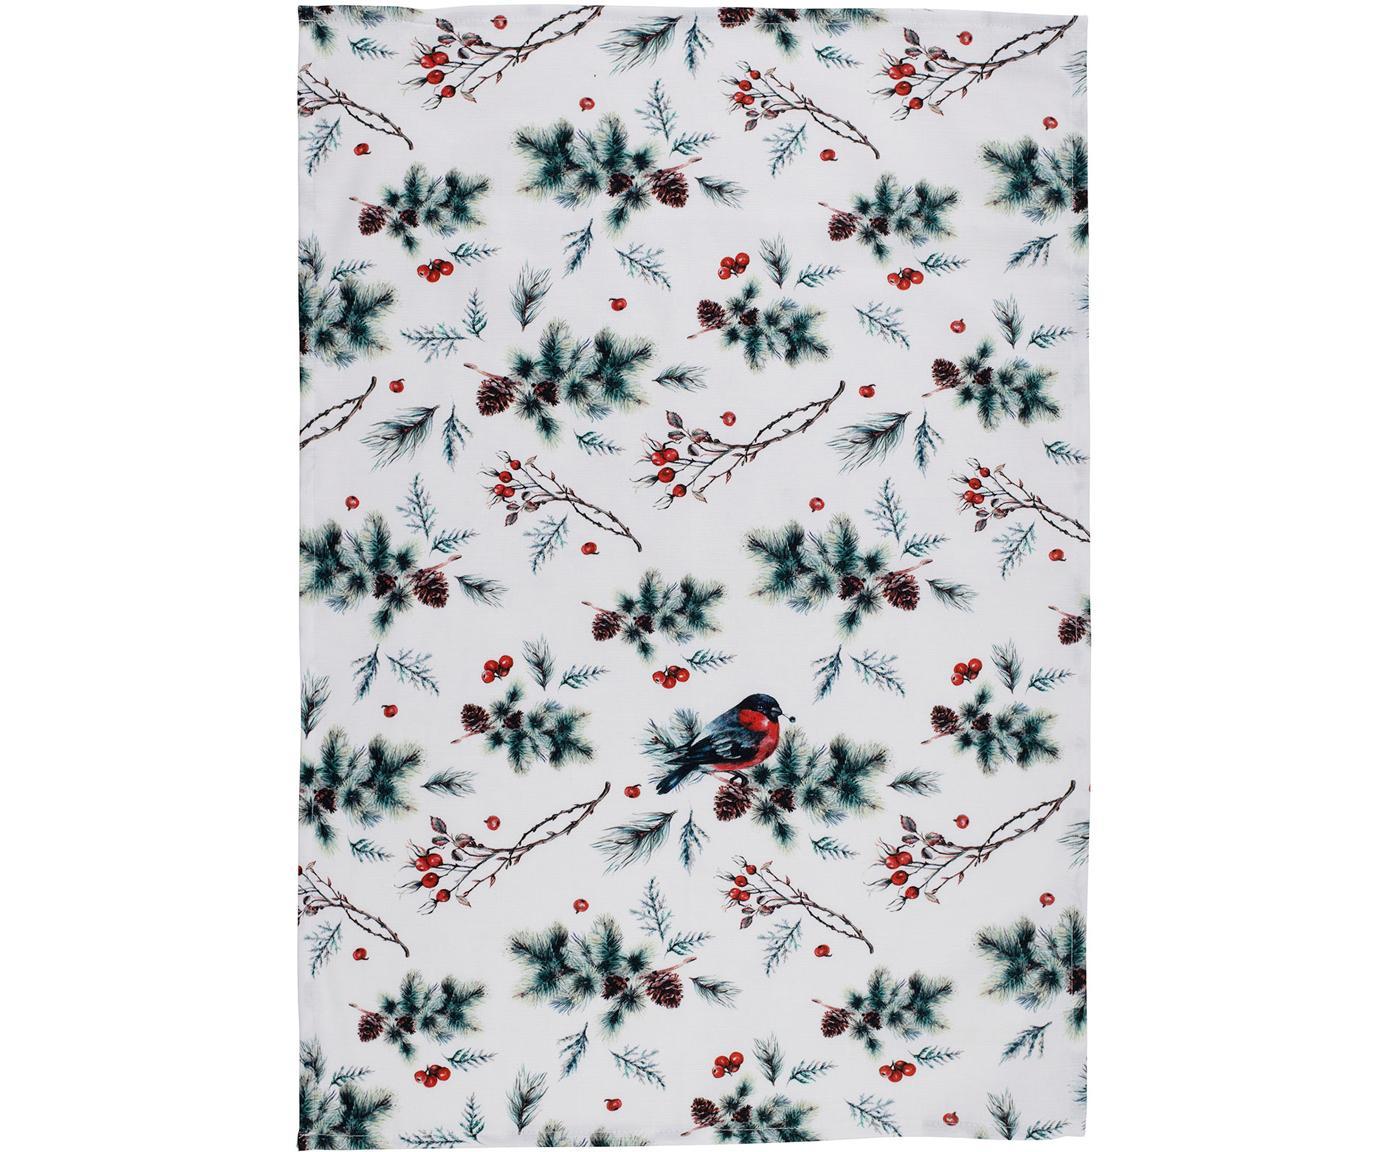 Geschirrtücher Aubepine mit winterlichen Motiven, 2 Stück, Baumwolle, Grün, Rot, 50 x 70 cm